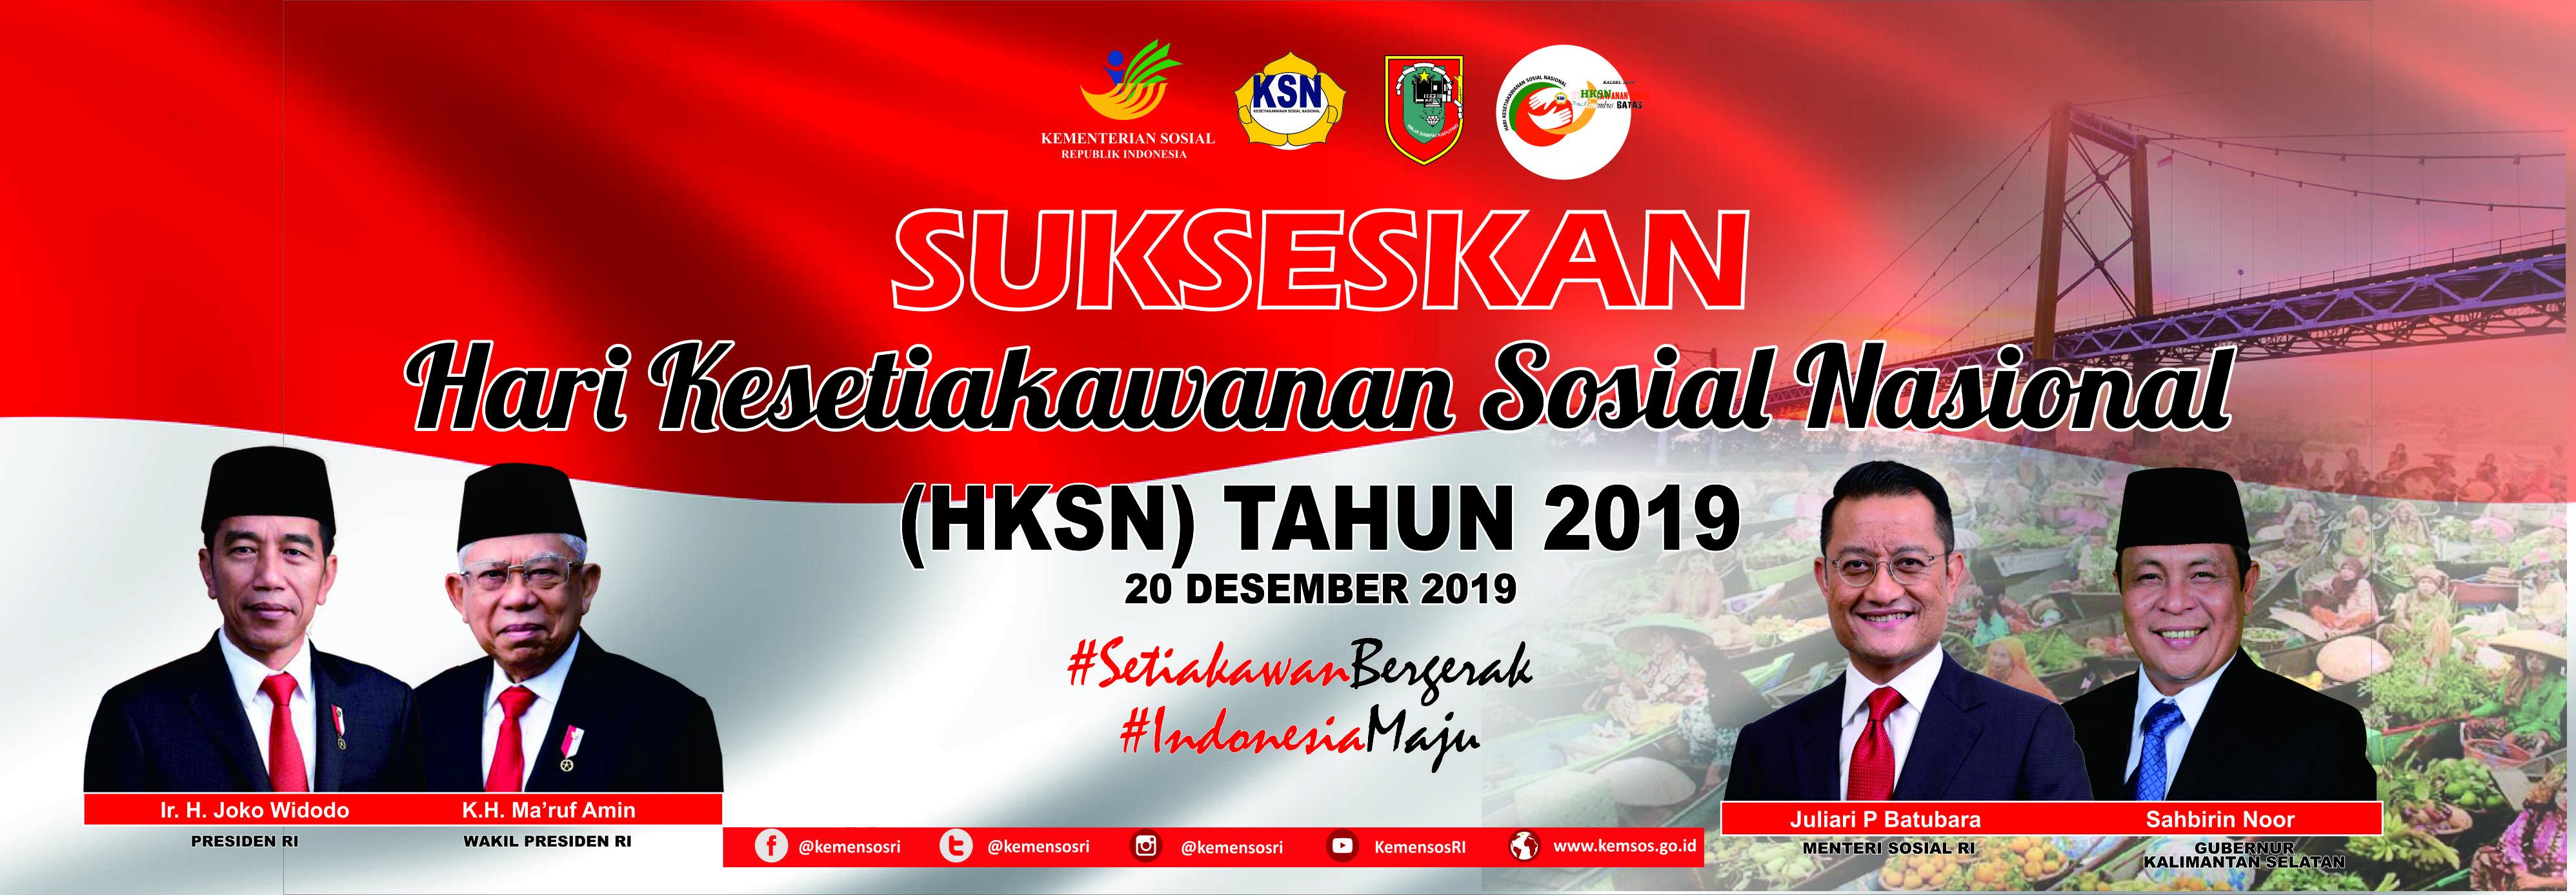 Sukseskan HKSN 2019